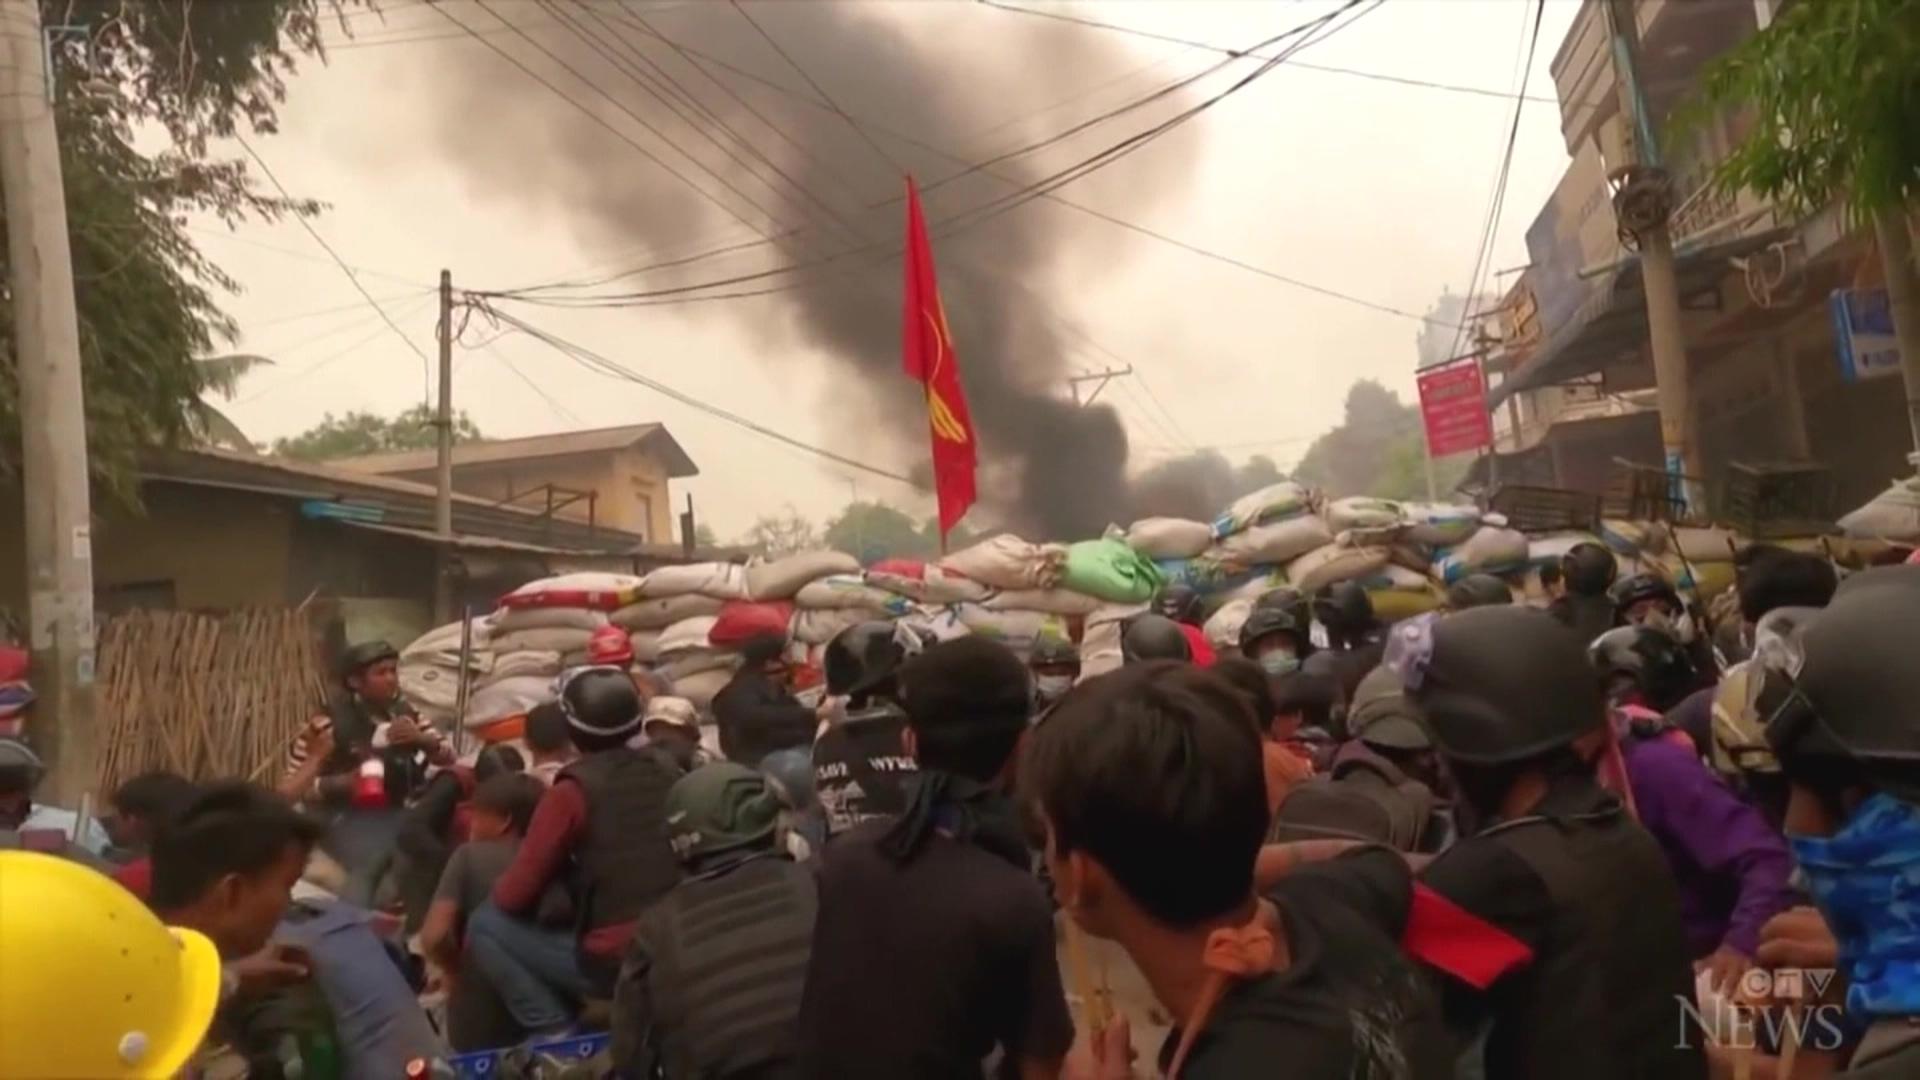 奪459命! 緬甸軍政府血腥鎮壓升級 美制裁開首槍「停貿易」